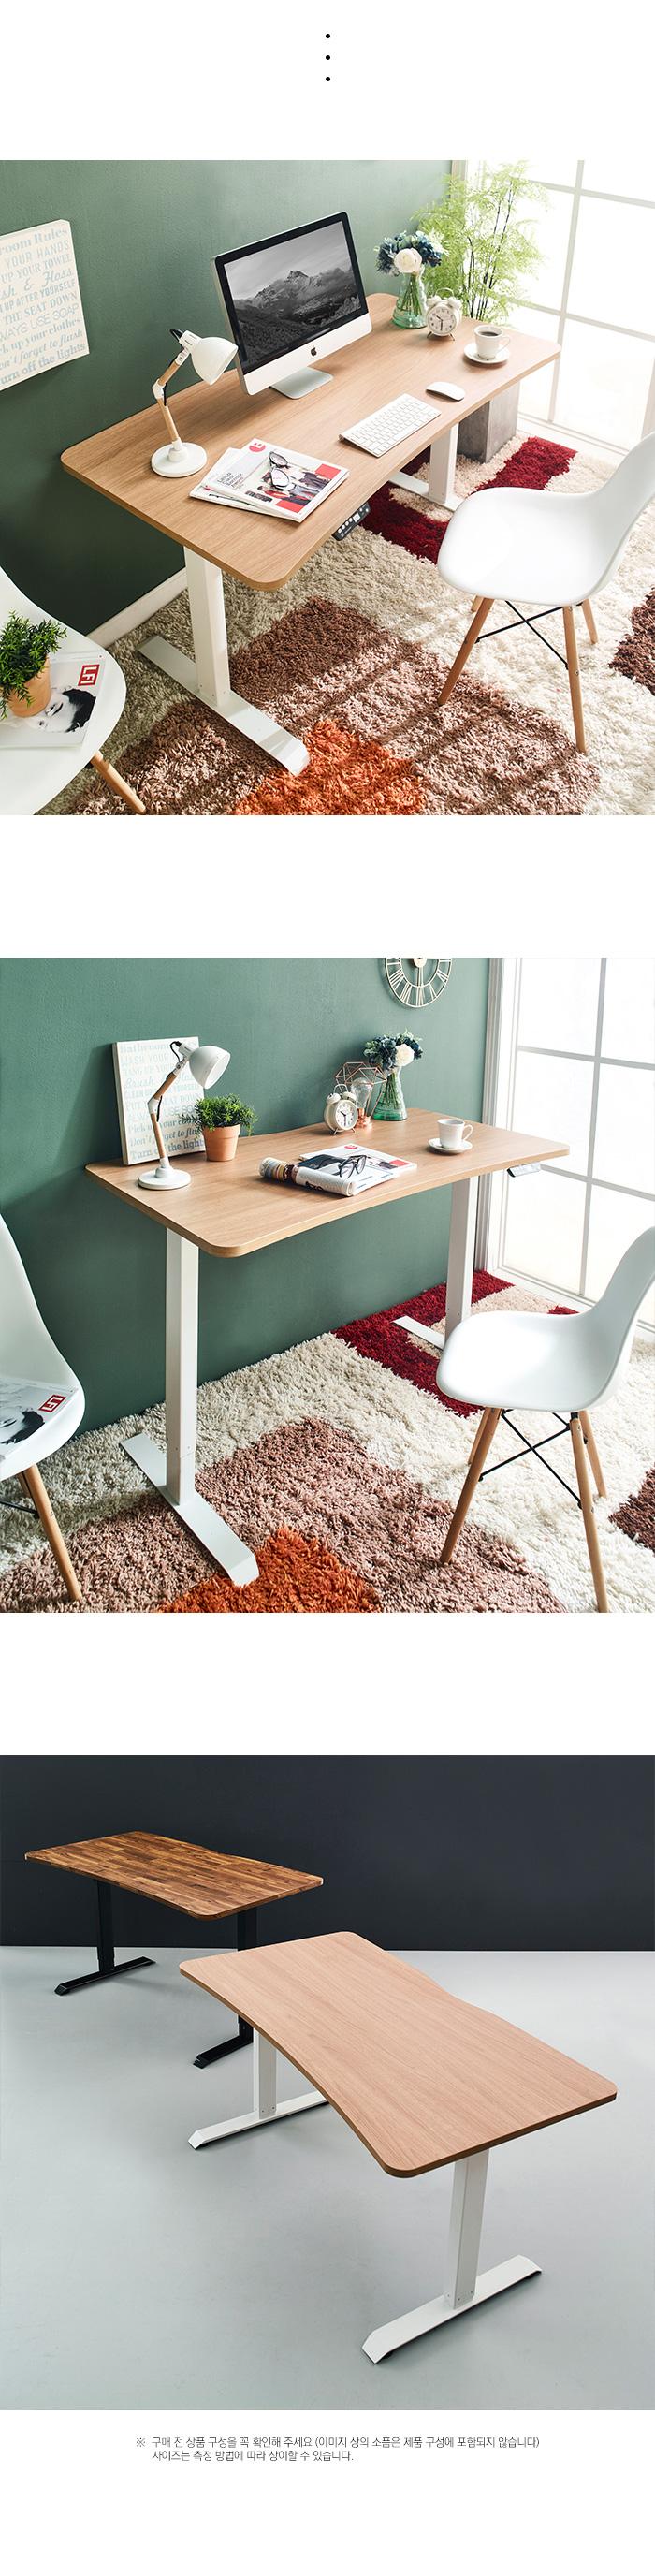 Oxford-001-Adjustable-Desk_181227-04.jpg